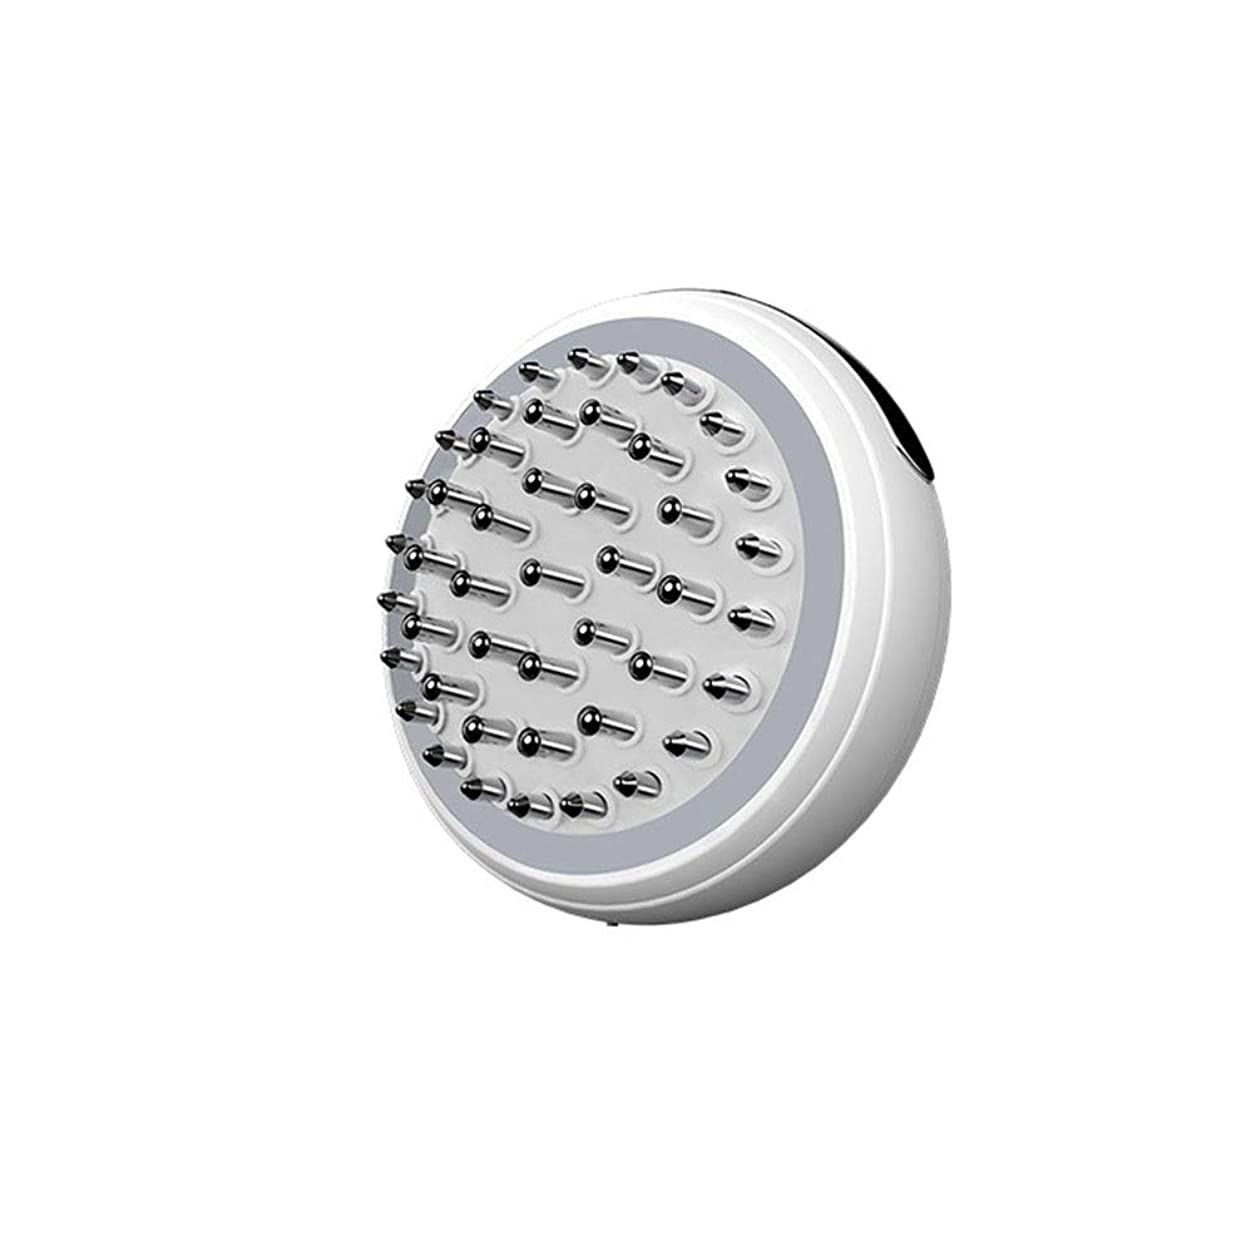 小道識別するカッターヘアコーム家庭用EMSマイクロ電流Ionマッサージくし赤外線健康開発マッサージ機器